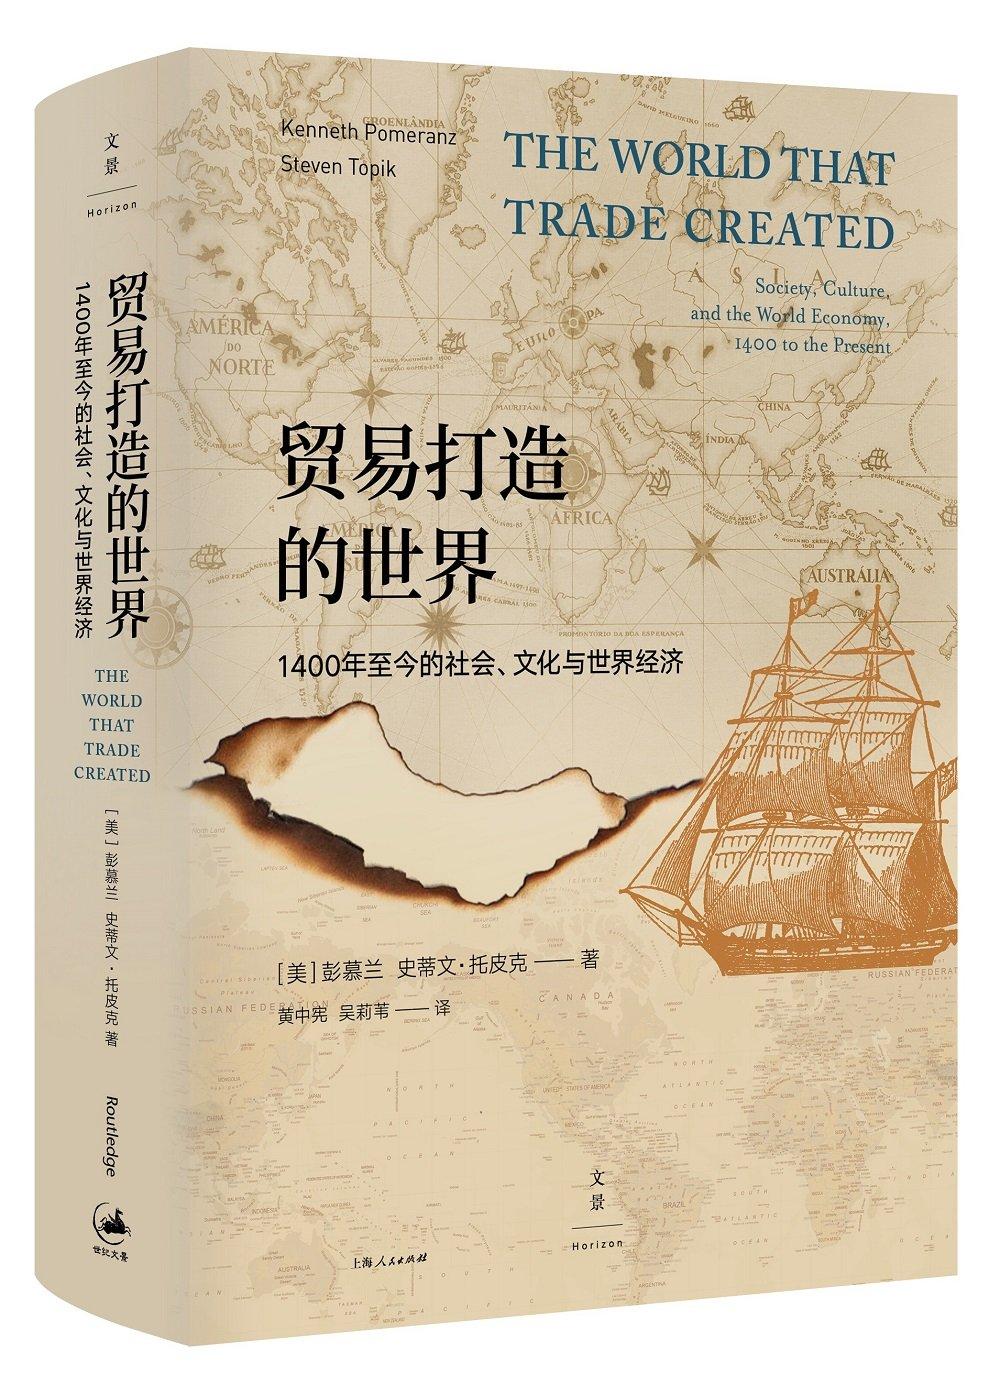 贸易打造的世界 : 1400年至今的社会、文化与世界经济PDF电子书